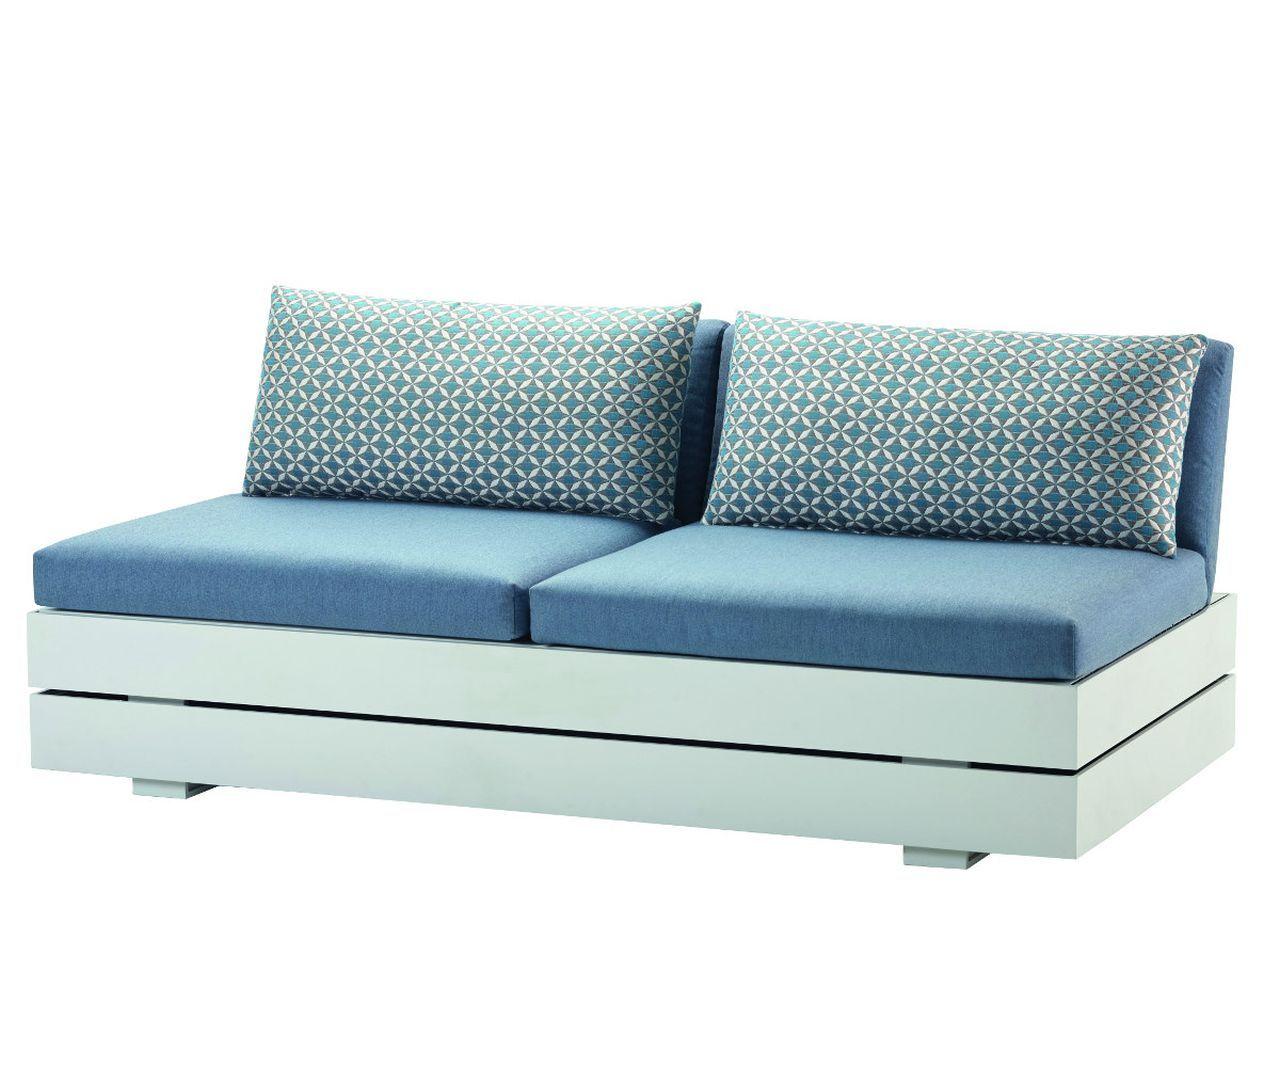 Full Size of Solpuri Boxm 2 Sitzer Loungeprogramm Mit Vielen Mglichkeiten Bett Selber Bauen 180x200 Rauch Betten 140x200 Weiß 140x220 Sofa 5 120x200 Relaxfunktion Wohnzimmer Gartensofa 2 Sitzer